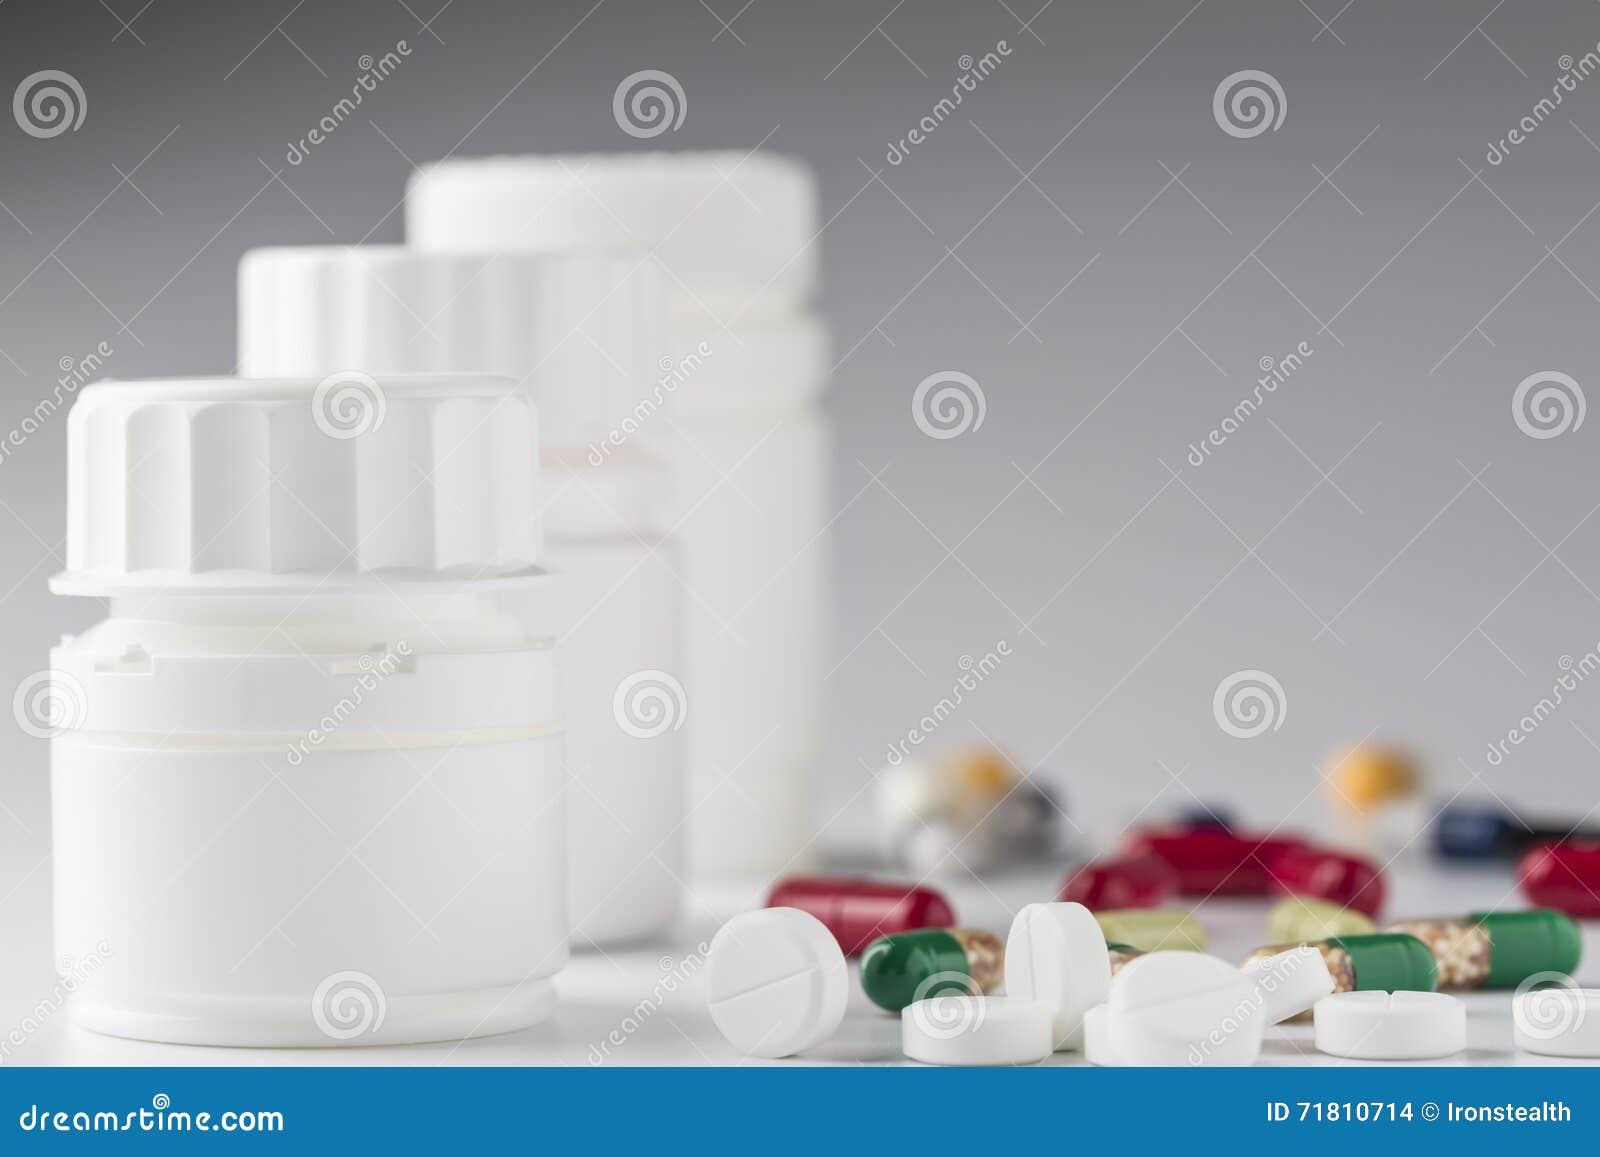 Άσπρο μπουκάλι ιατρικής και διάφορα ζωηρόχρωμα χάπια